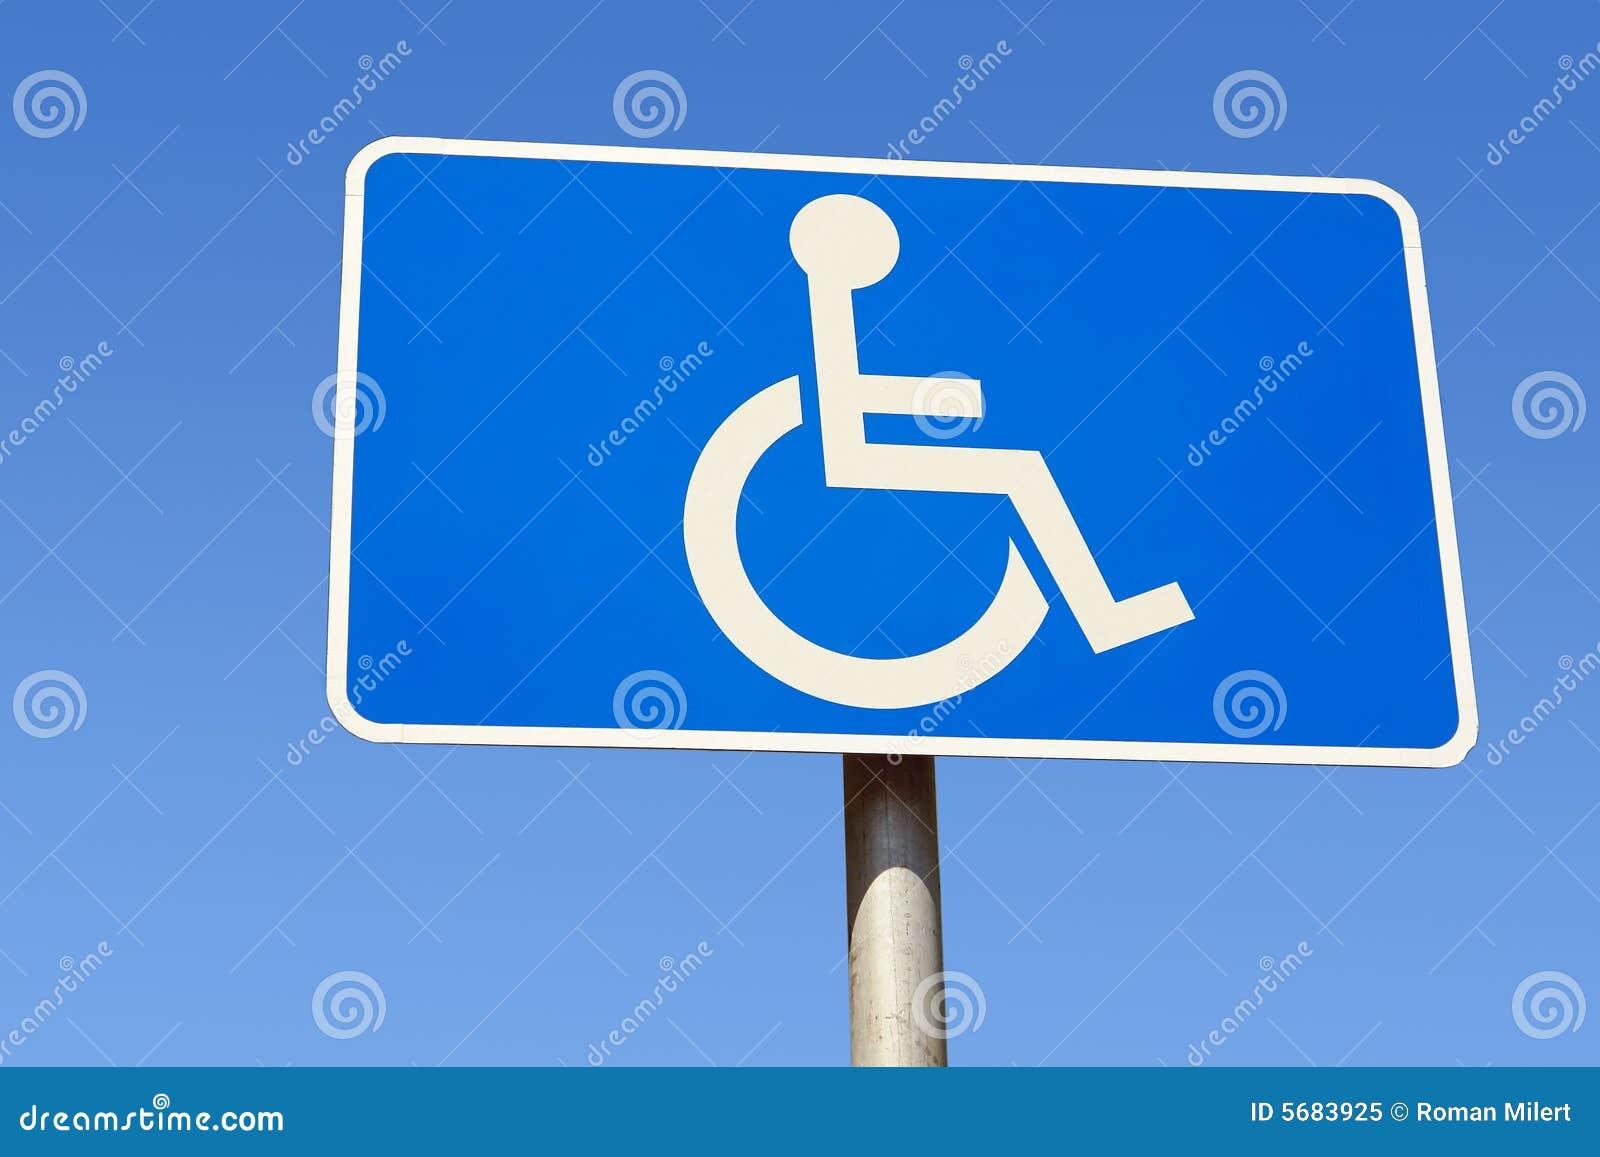 с ограниченными возможностями знак места для парковки